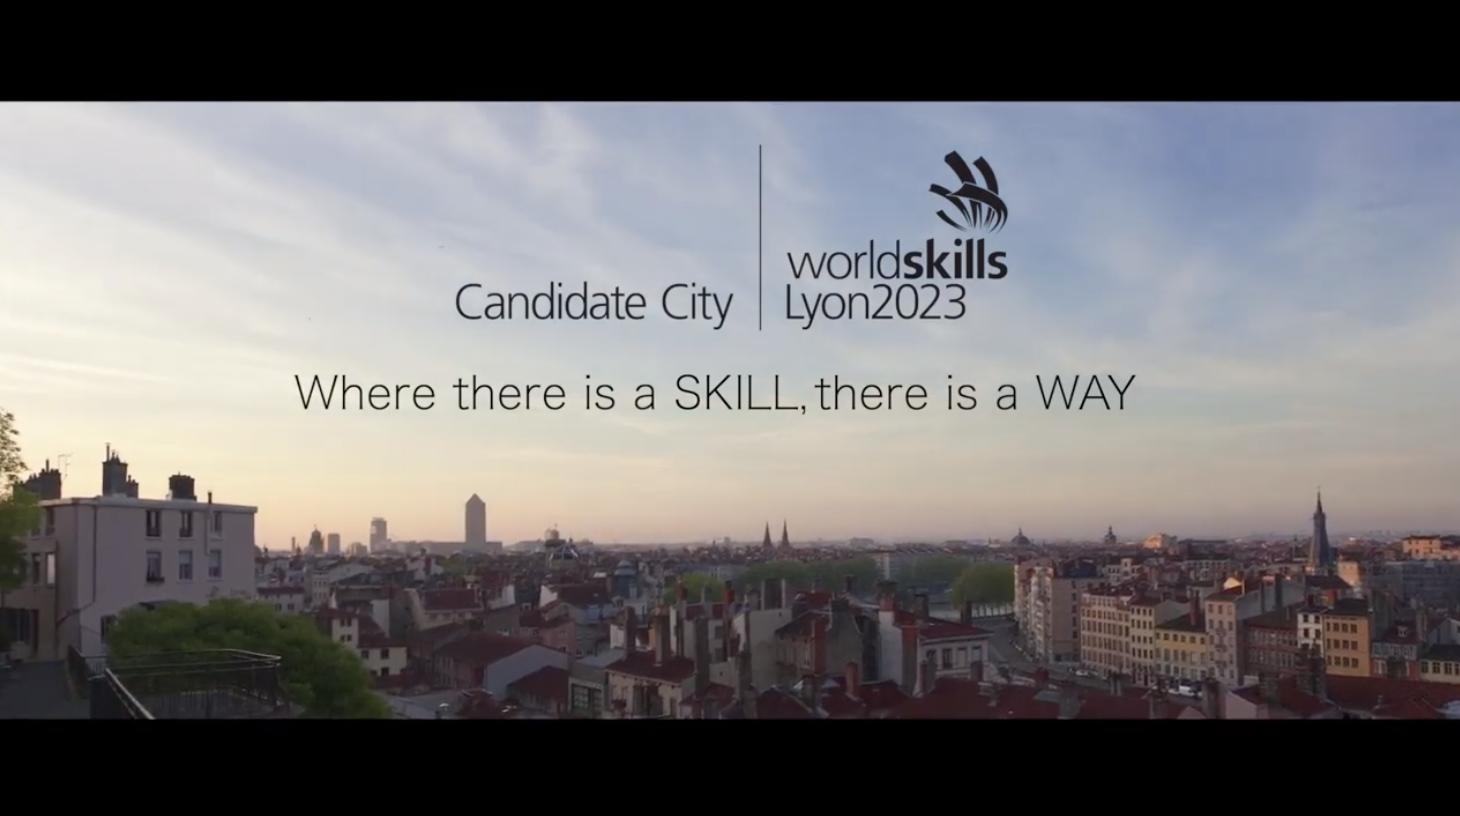 法國總統馬克宏:WorldSkills與法國職業教育與訓練政策「完全一致」